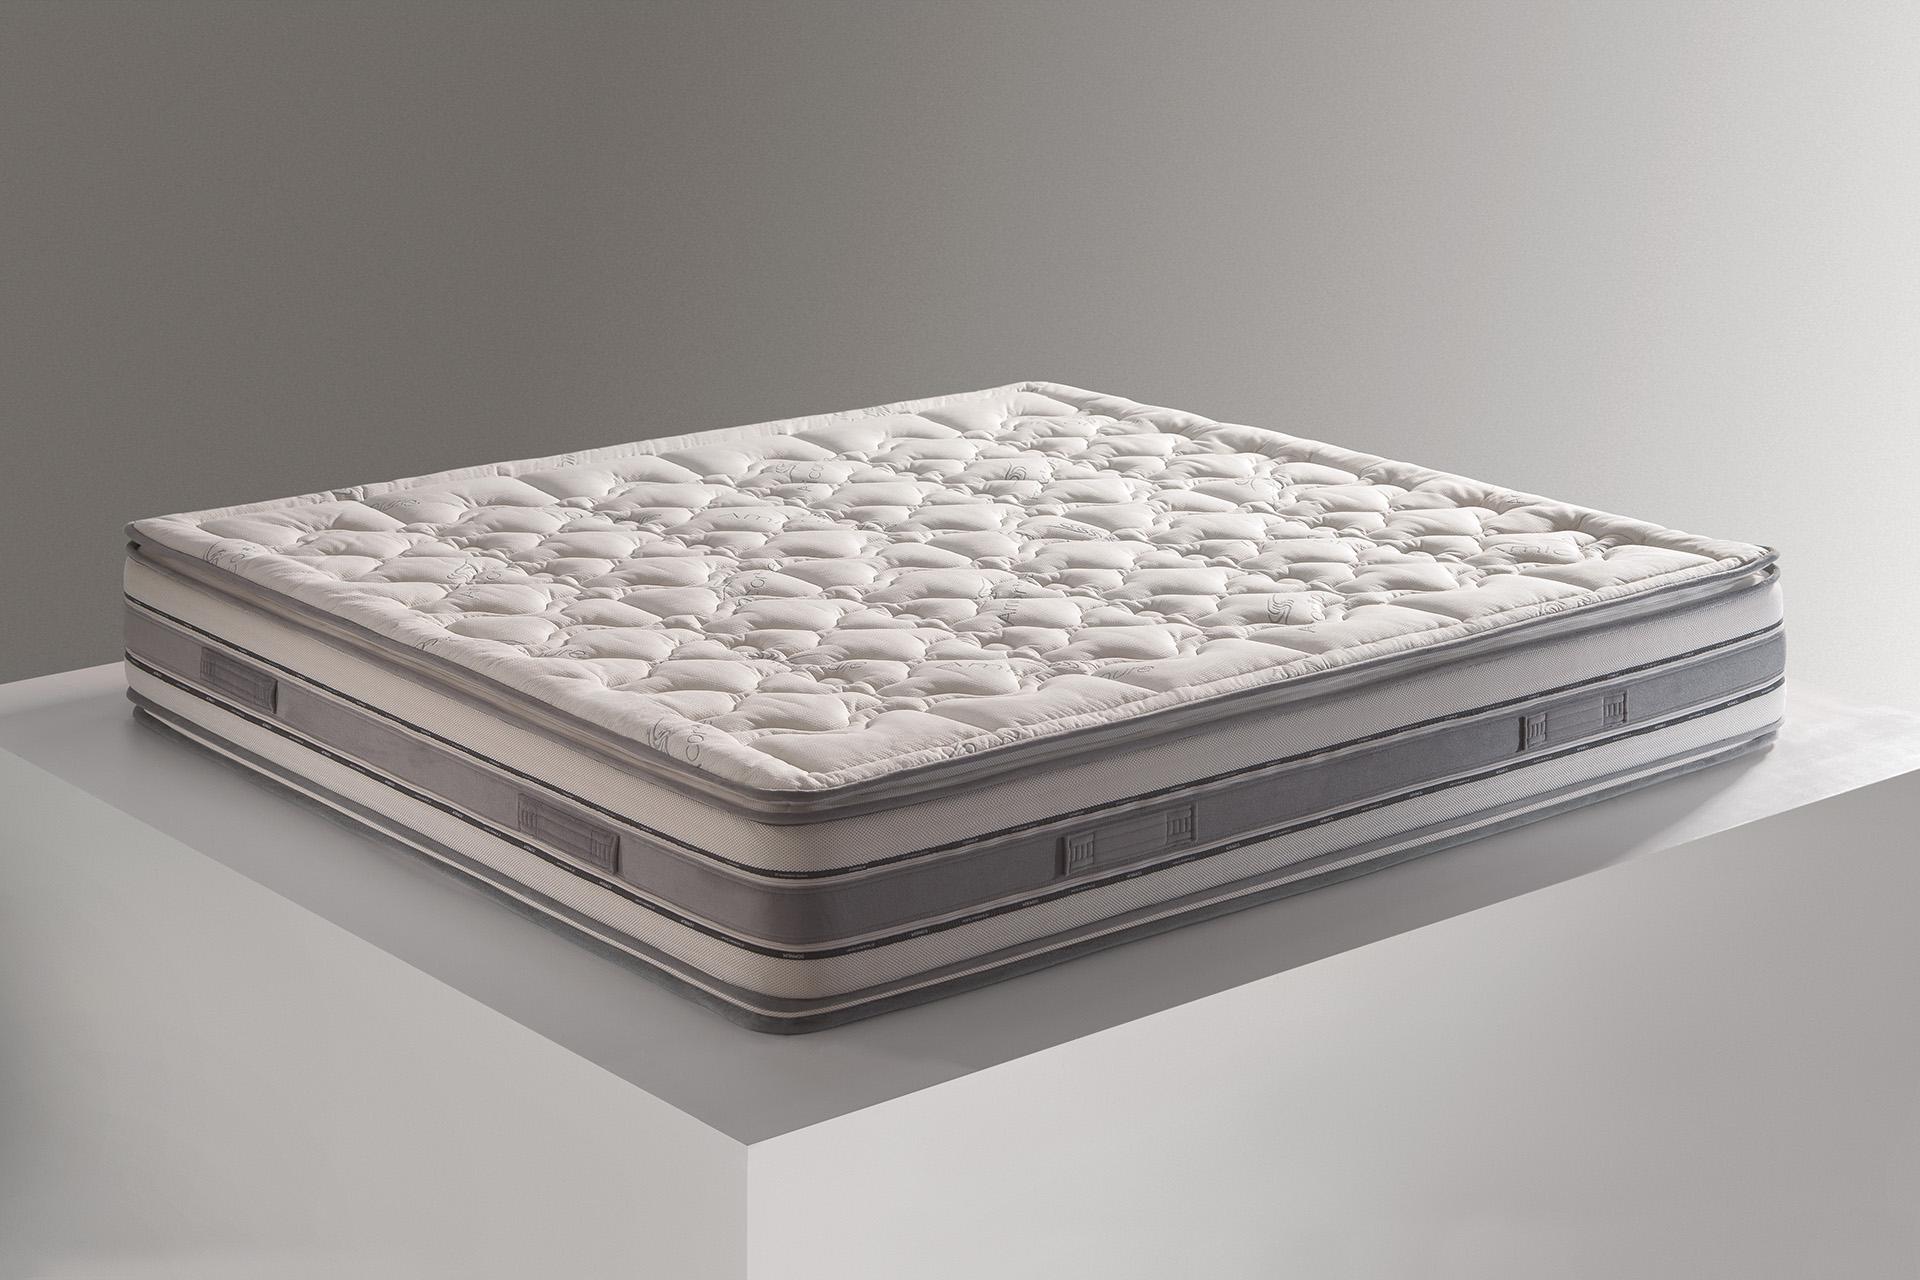 Materassi Con Memory Foam.Crepuscolo Con Sottofodera 3d V S Consorzio Materassi